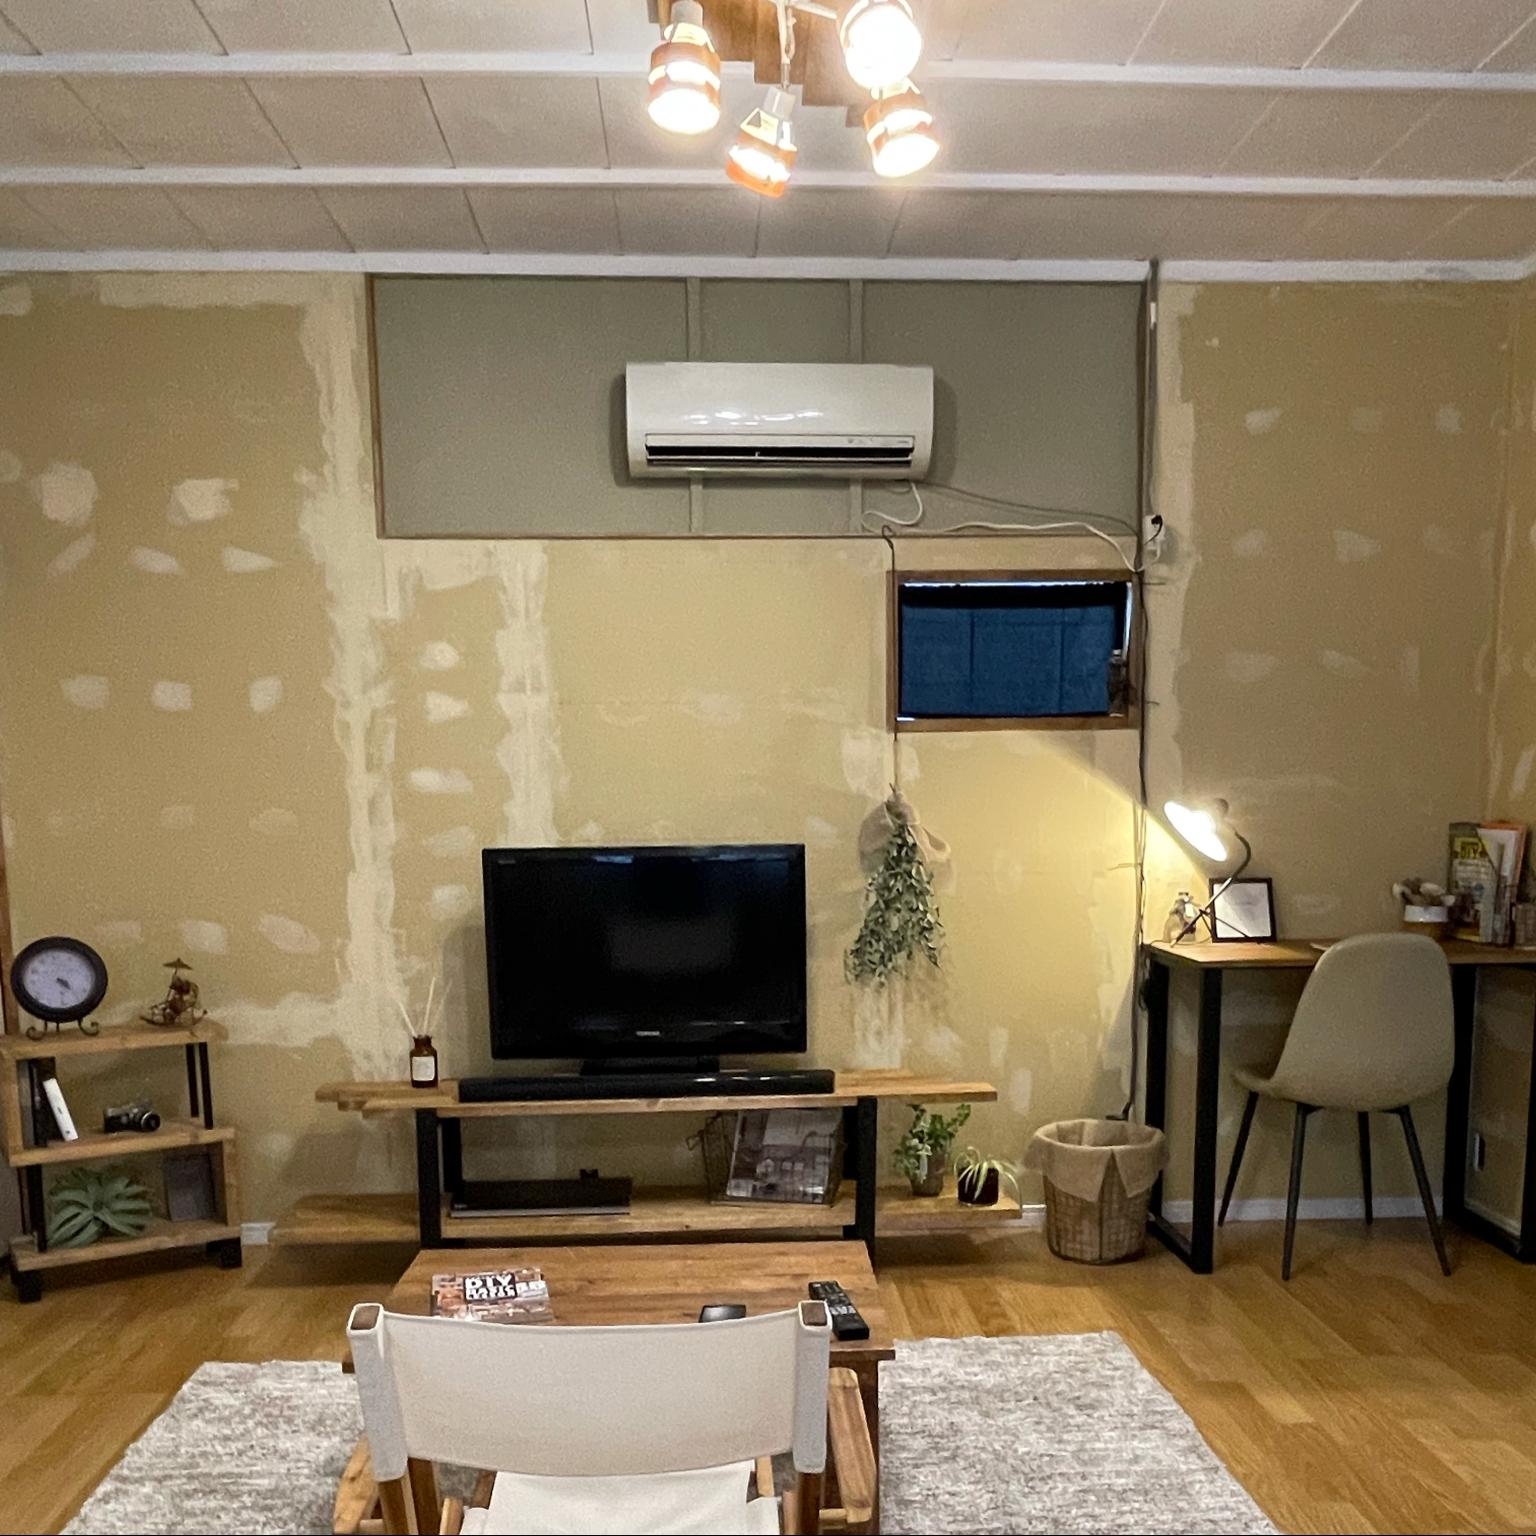 インダストリアル家具/かなでもの/DIY/観葉植物/ハンドメイド...などのインテリア実例 - 2021-09-27 22:25:49